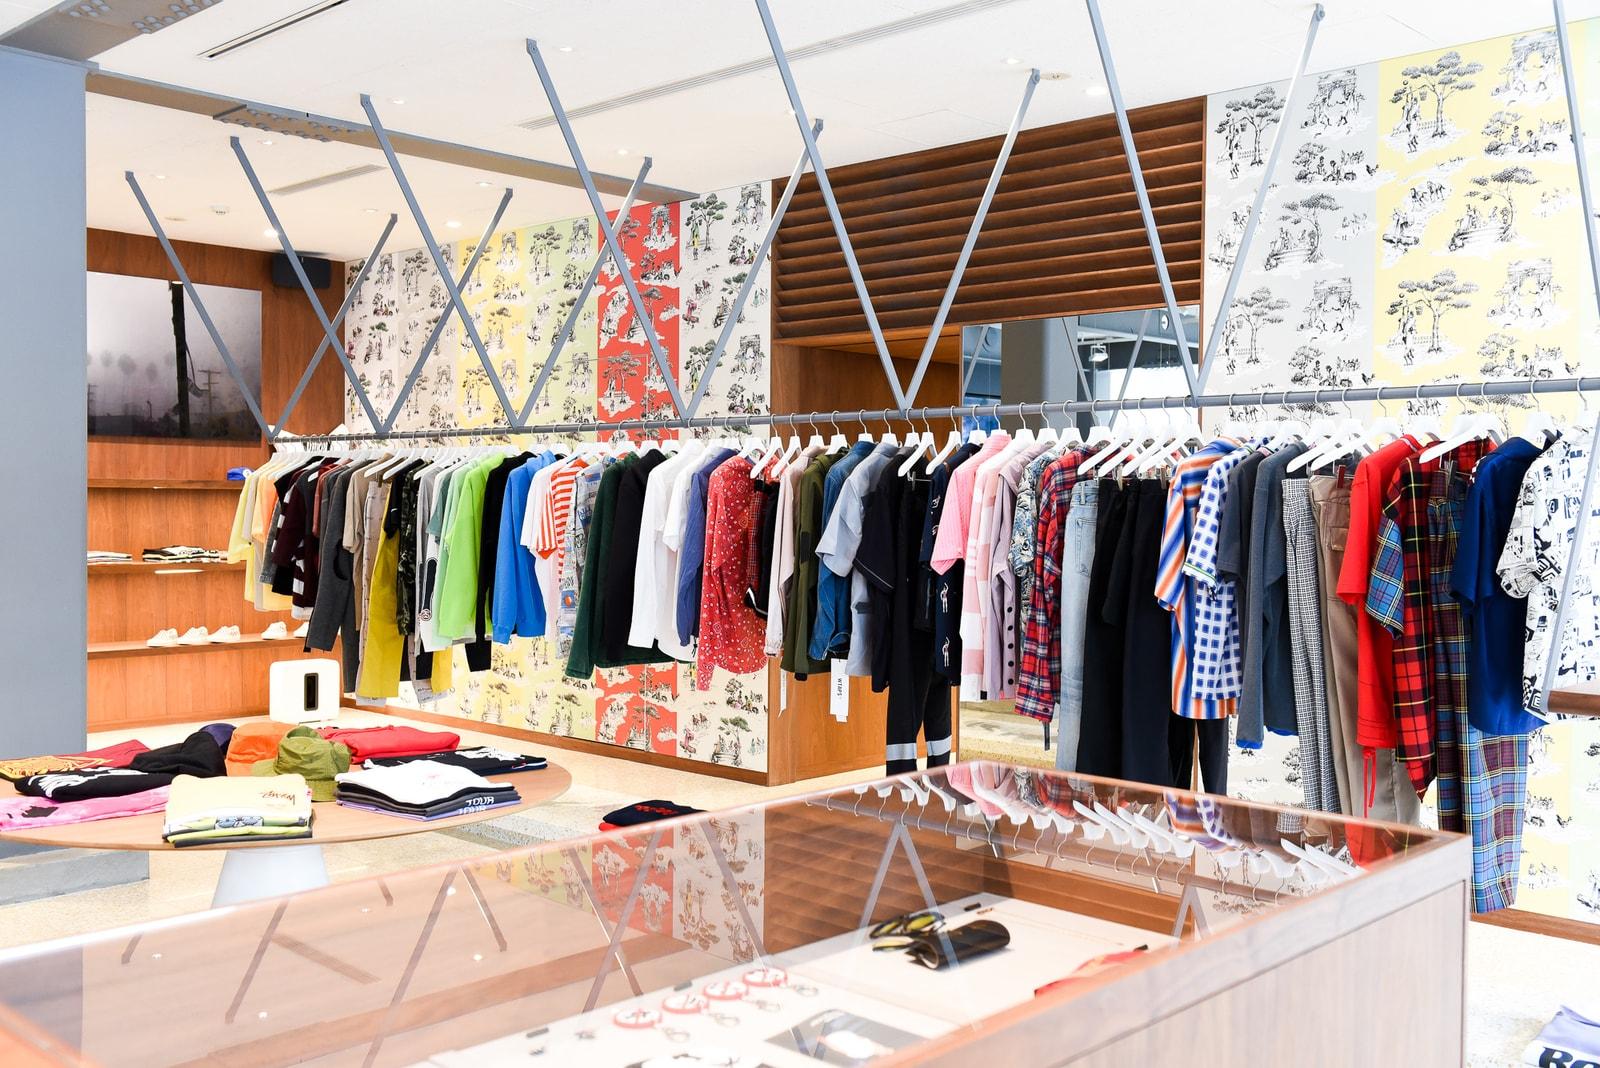 原宿 セレクトショップ おすすめ オシャレ 観光 買い物 ショッピング 洋服 ファッション